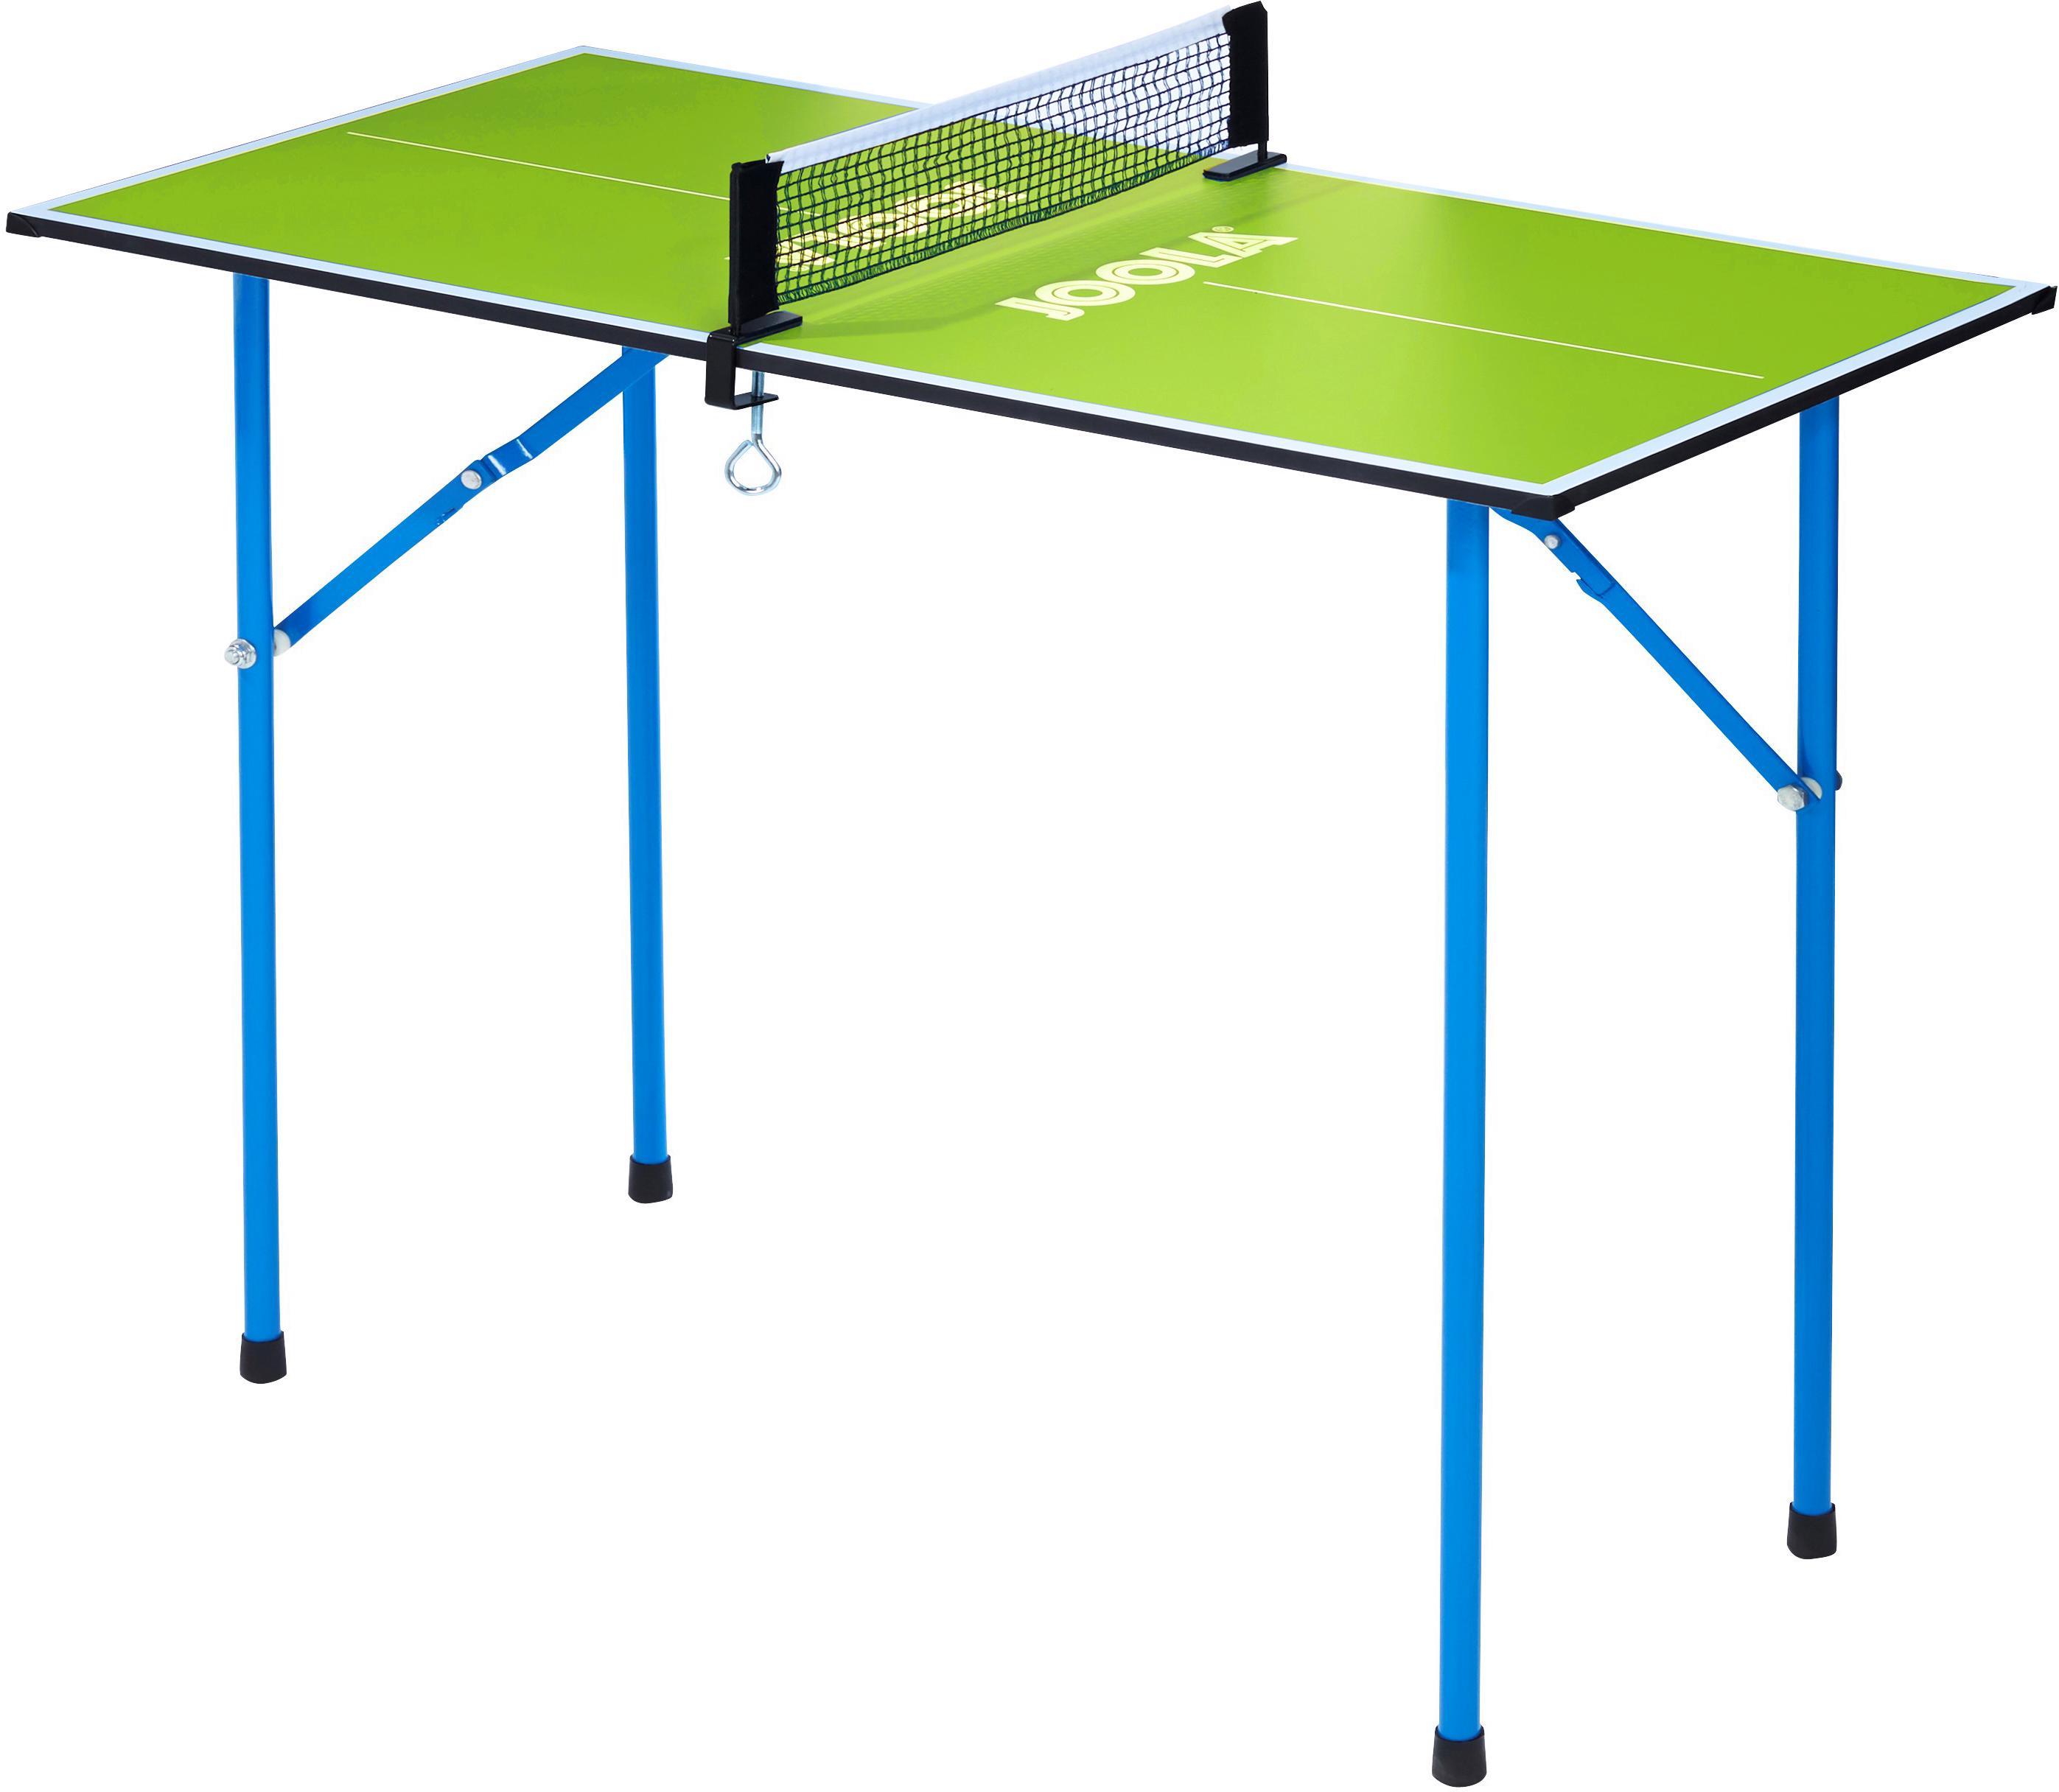 Joola Mini-Tischtennisplatte Mini Technik & Freizeit/Sport & Freizeit/Sportarten/Tischtennis/Tischtennis-Ausrüstung